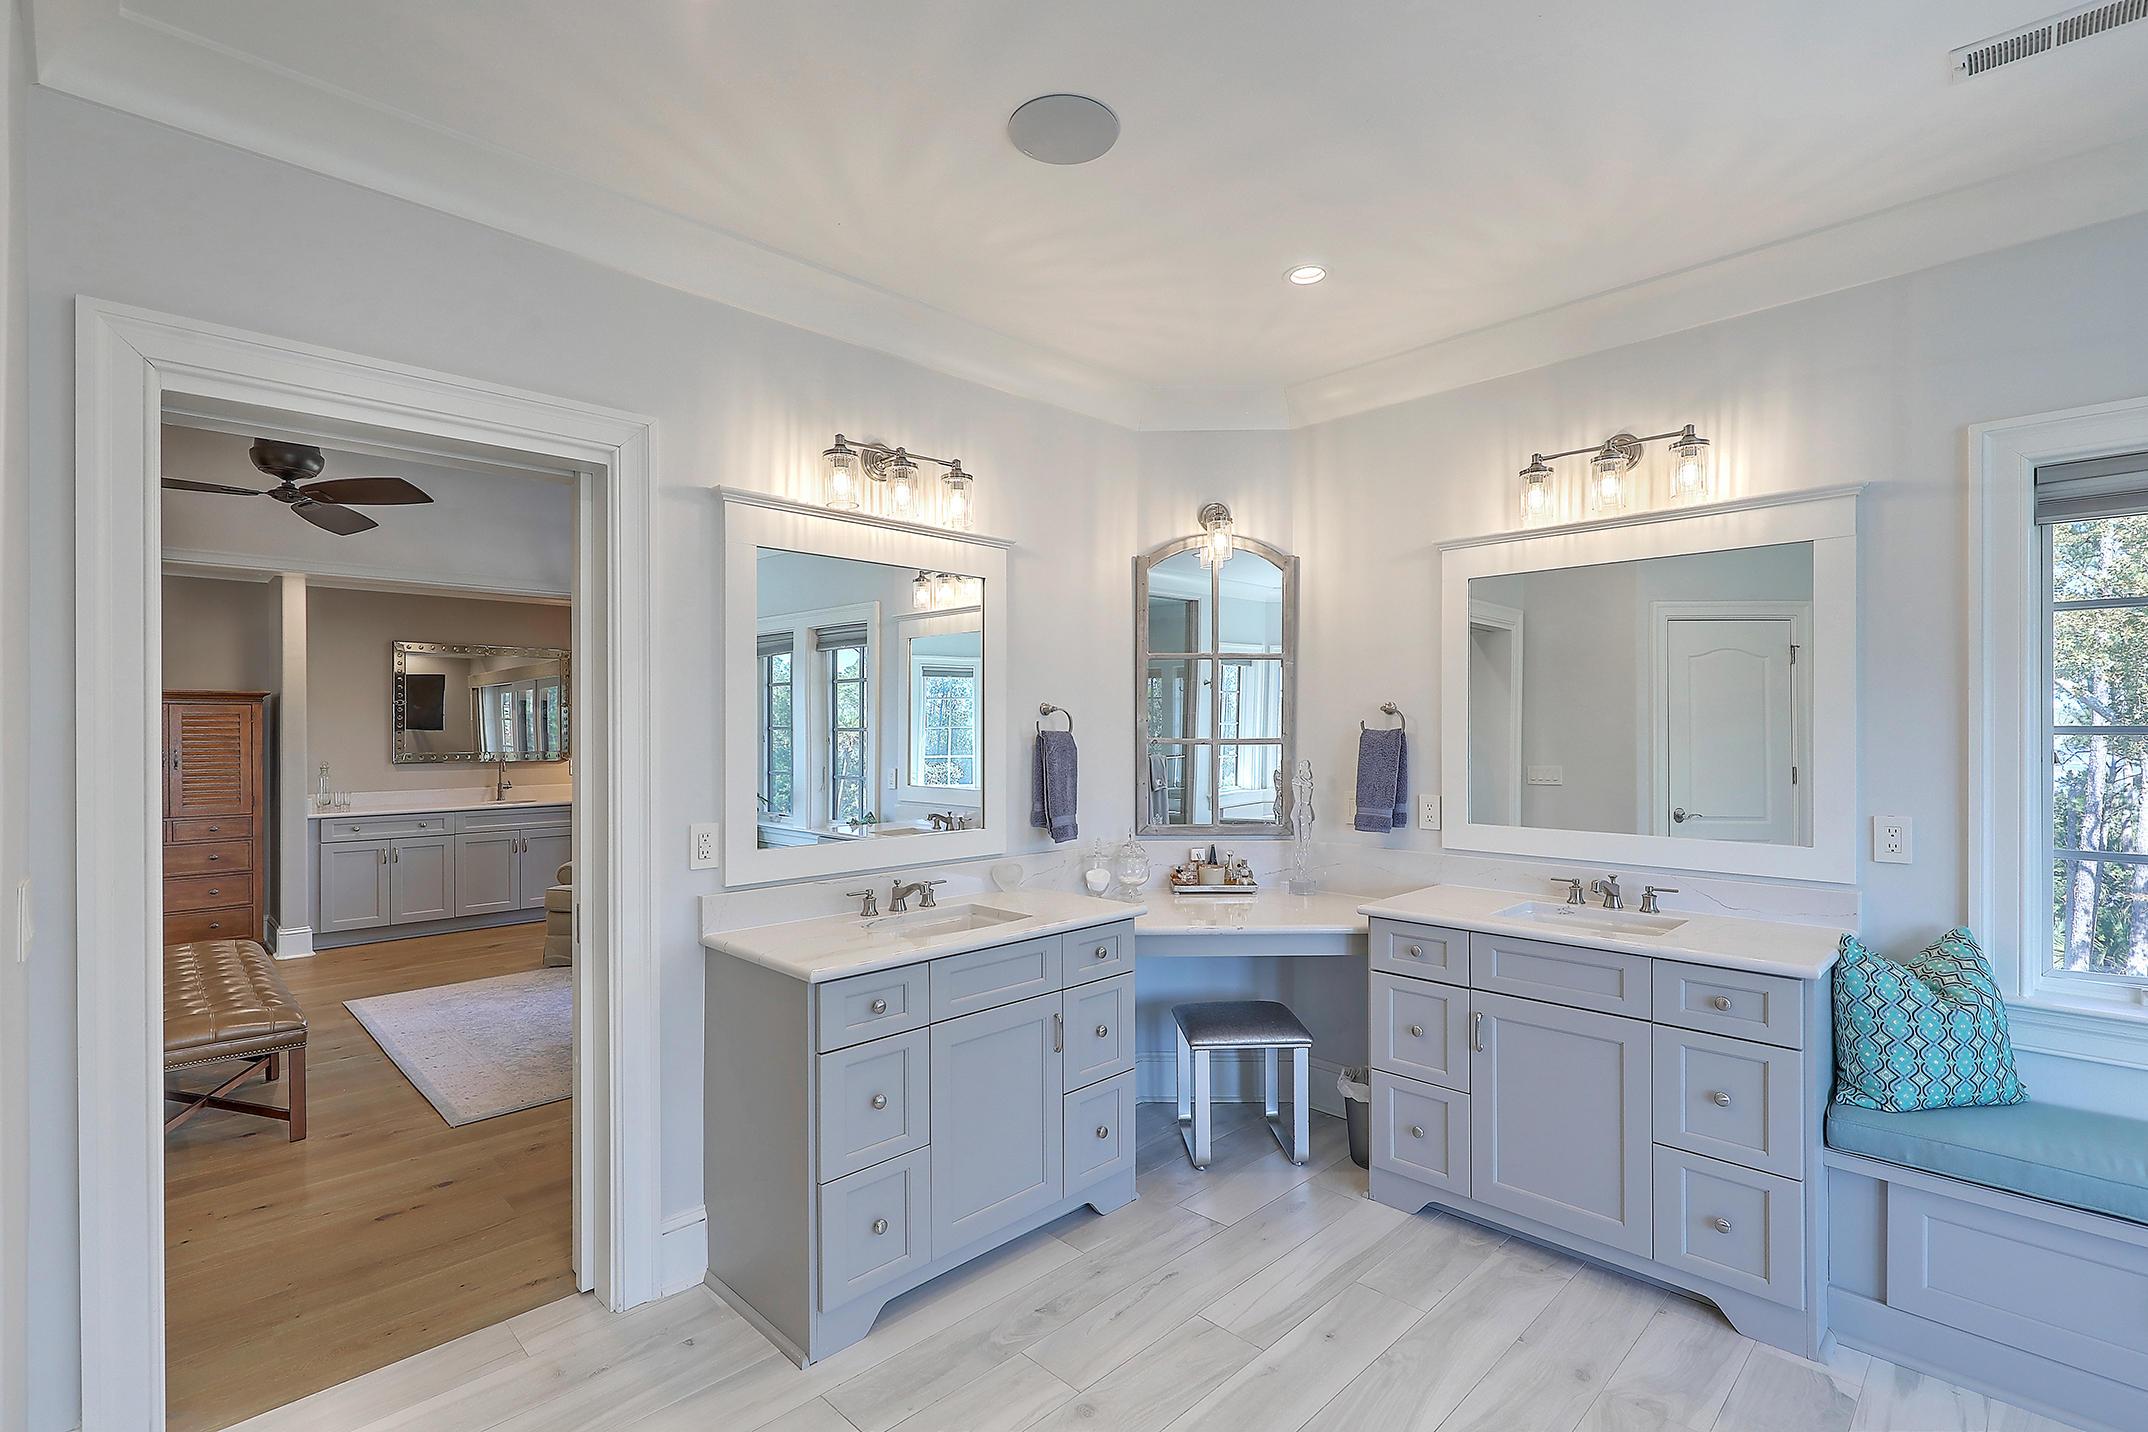 Park West Homes For Sale - 3905 Ashton Shore, Mount Pleasant, SC - 51